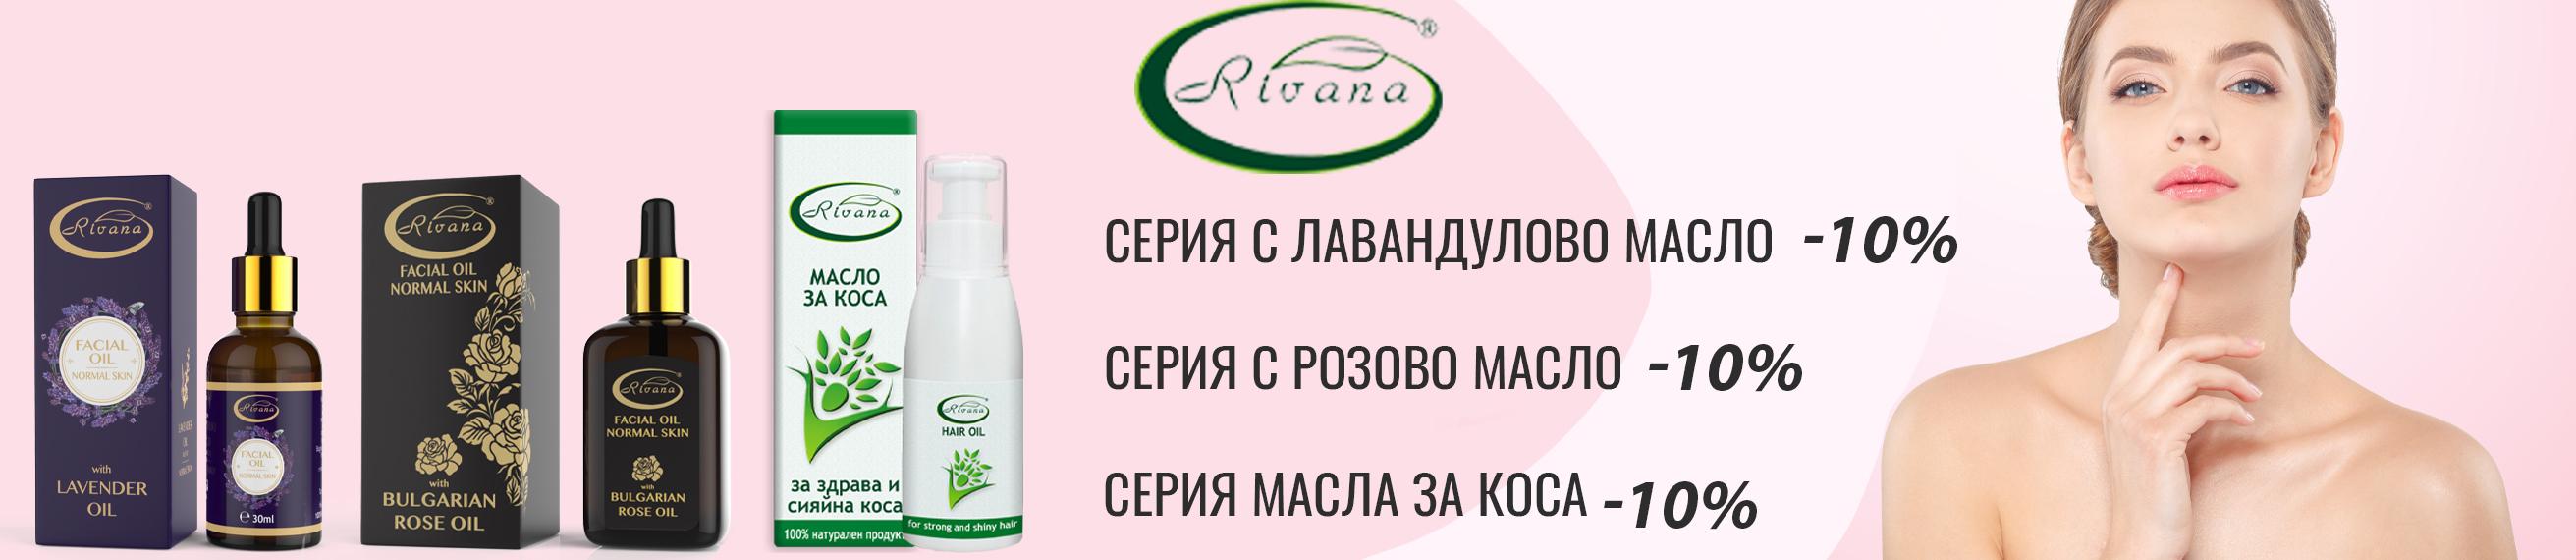 -10% Ривана серии с Лавандула, Розова масло и  Масла за коса до 30.09.2021